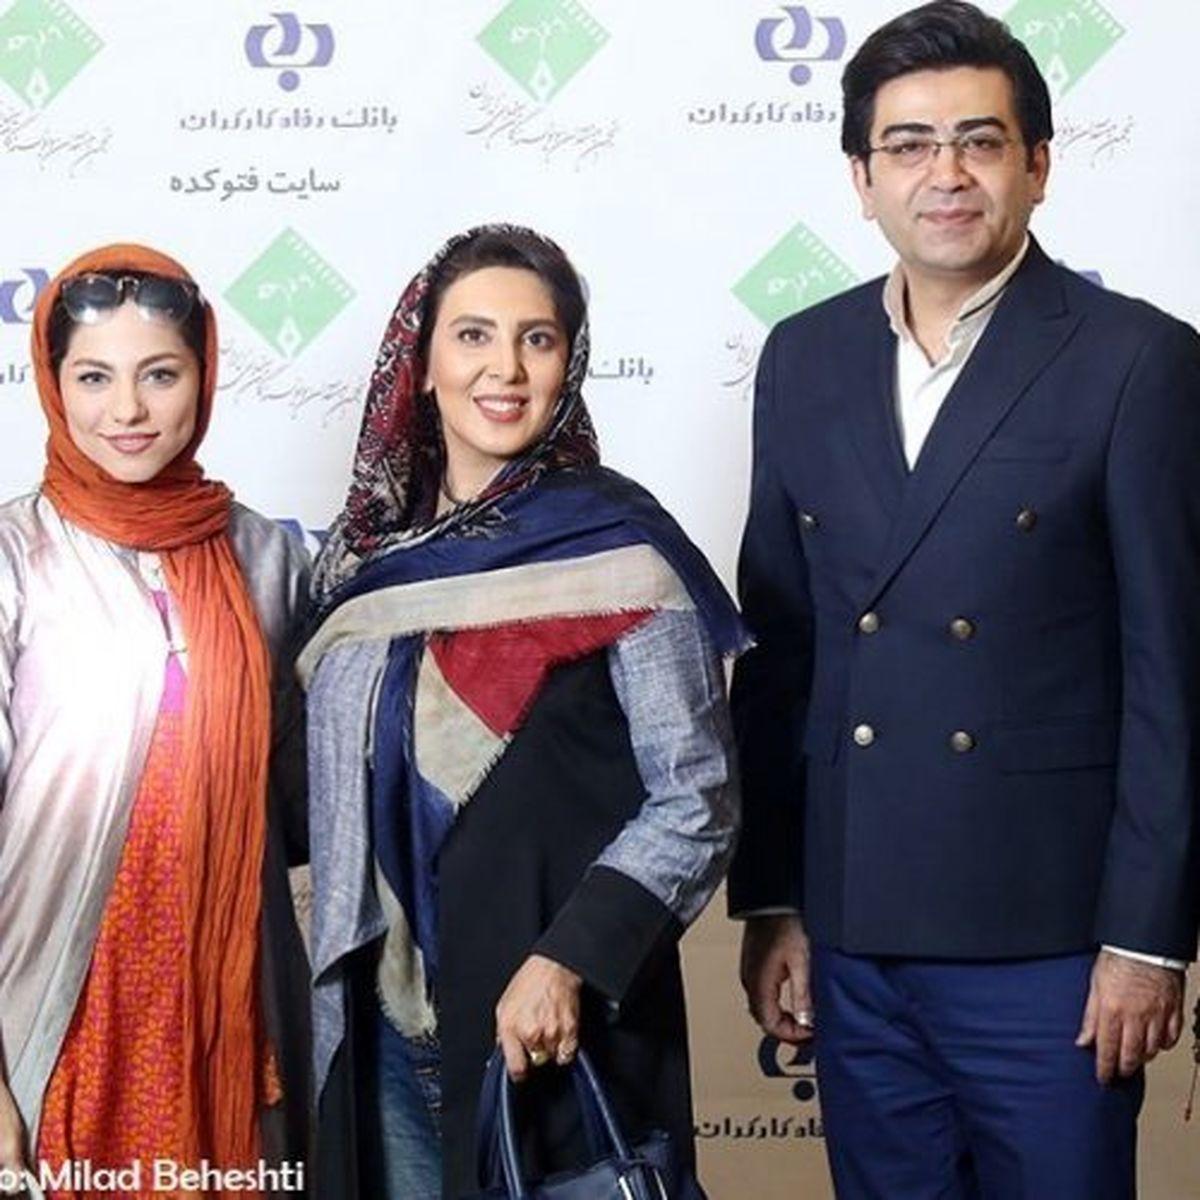 فرزاد حسنی دوباره ازدواج کرد + عکس همسر